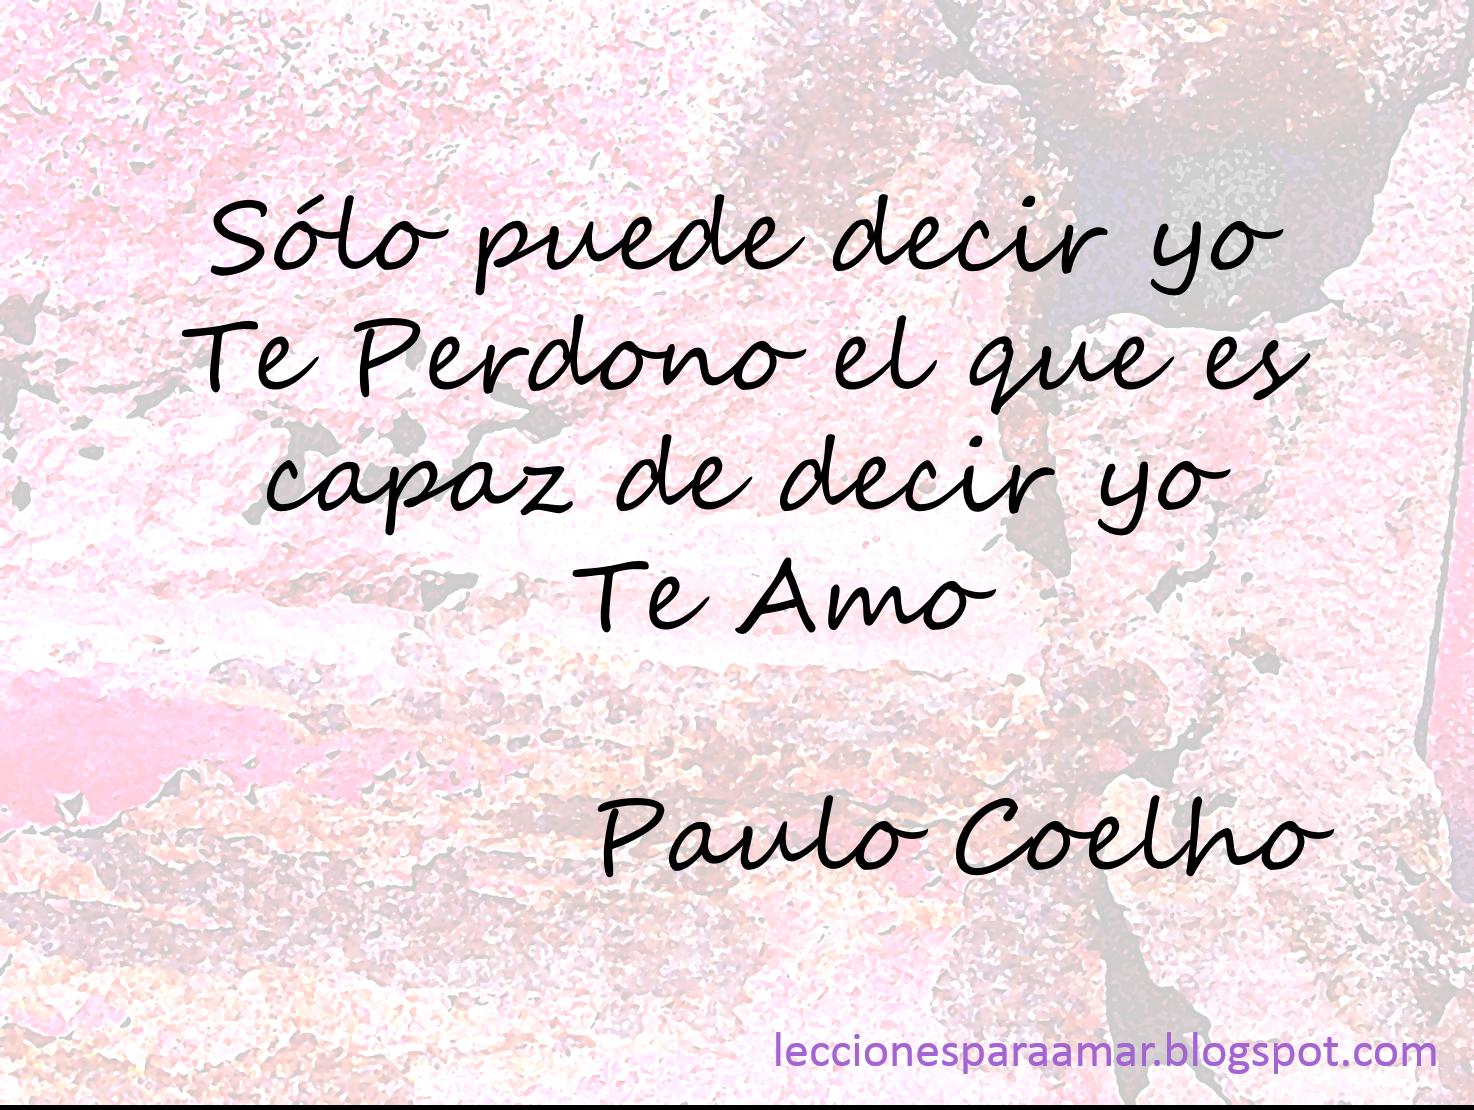 Frase De Paulo Coelho Sobre El Perdon Y El Amor Paulo Coelho